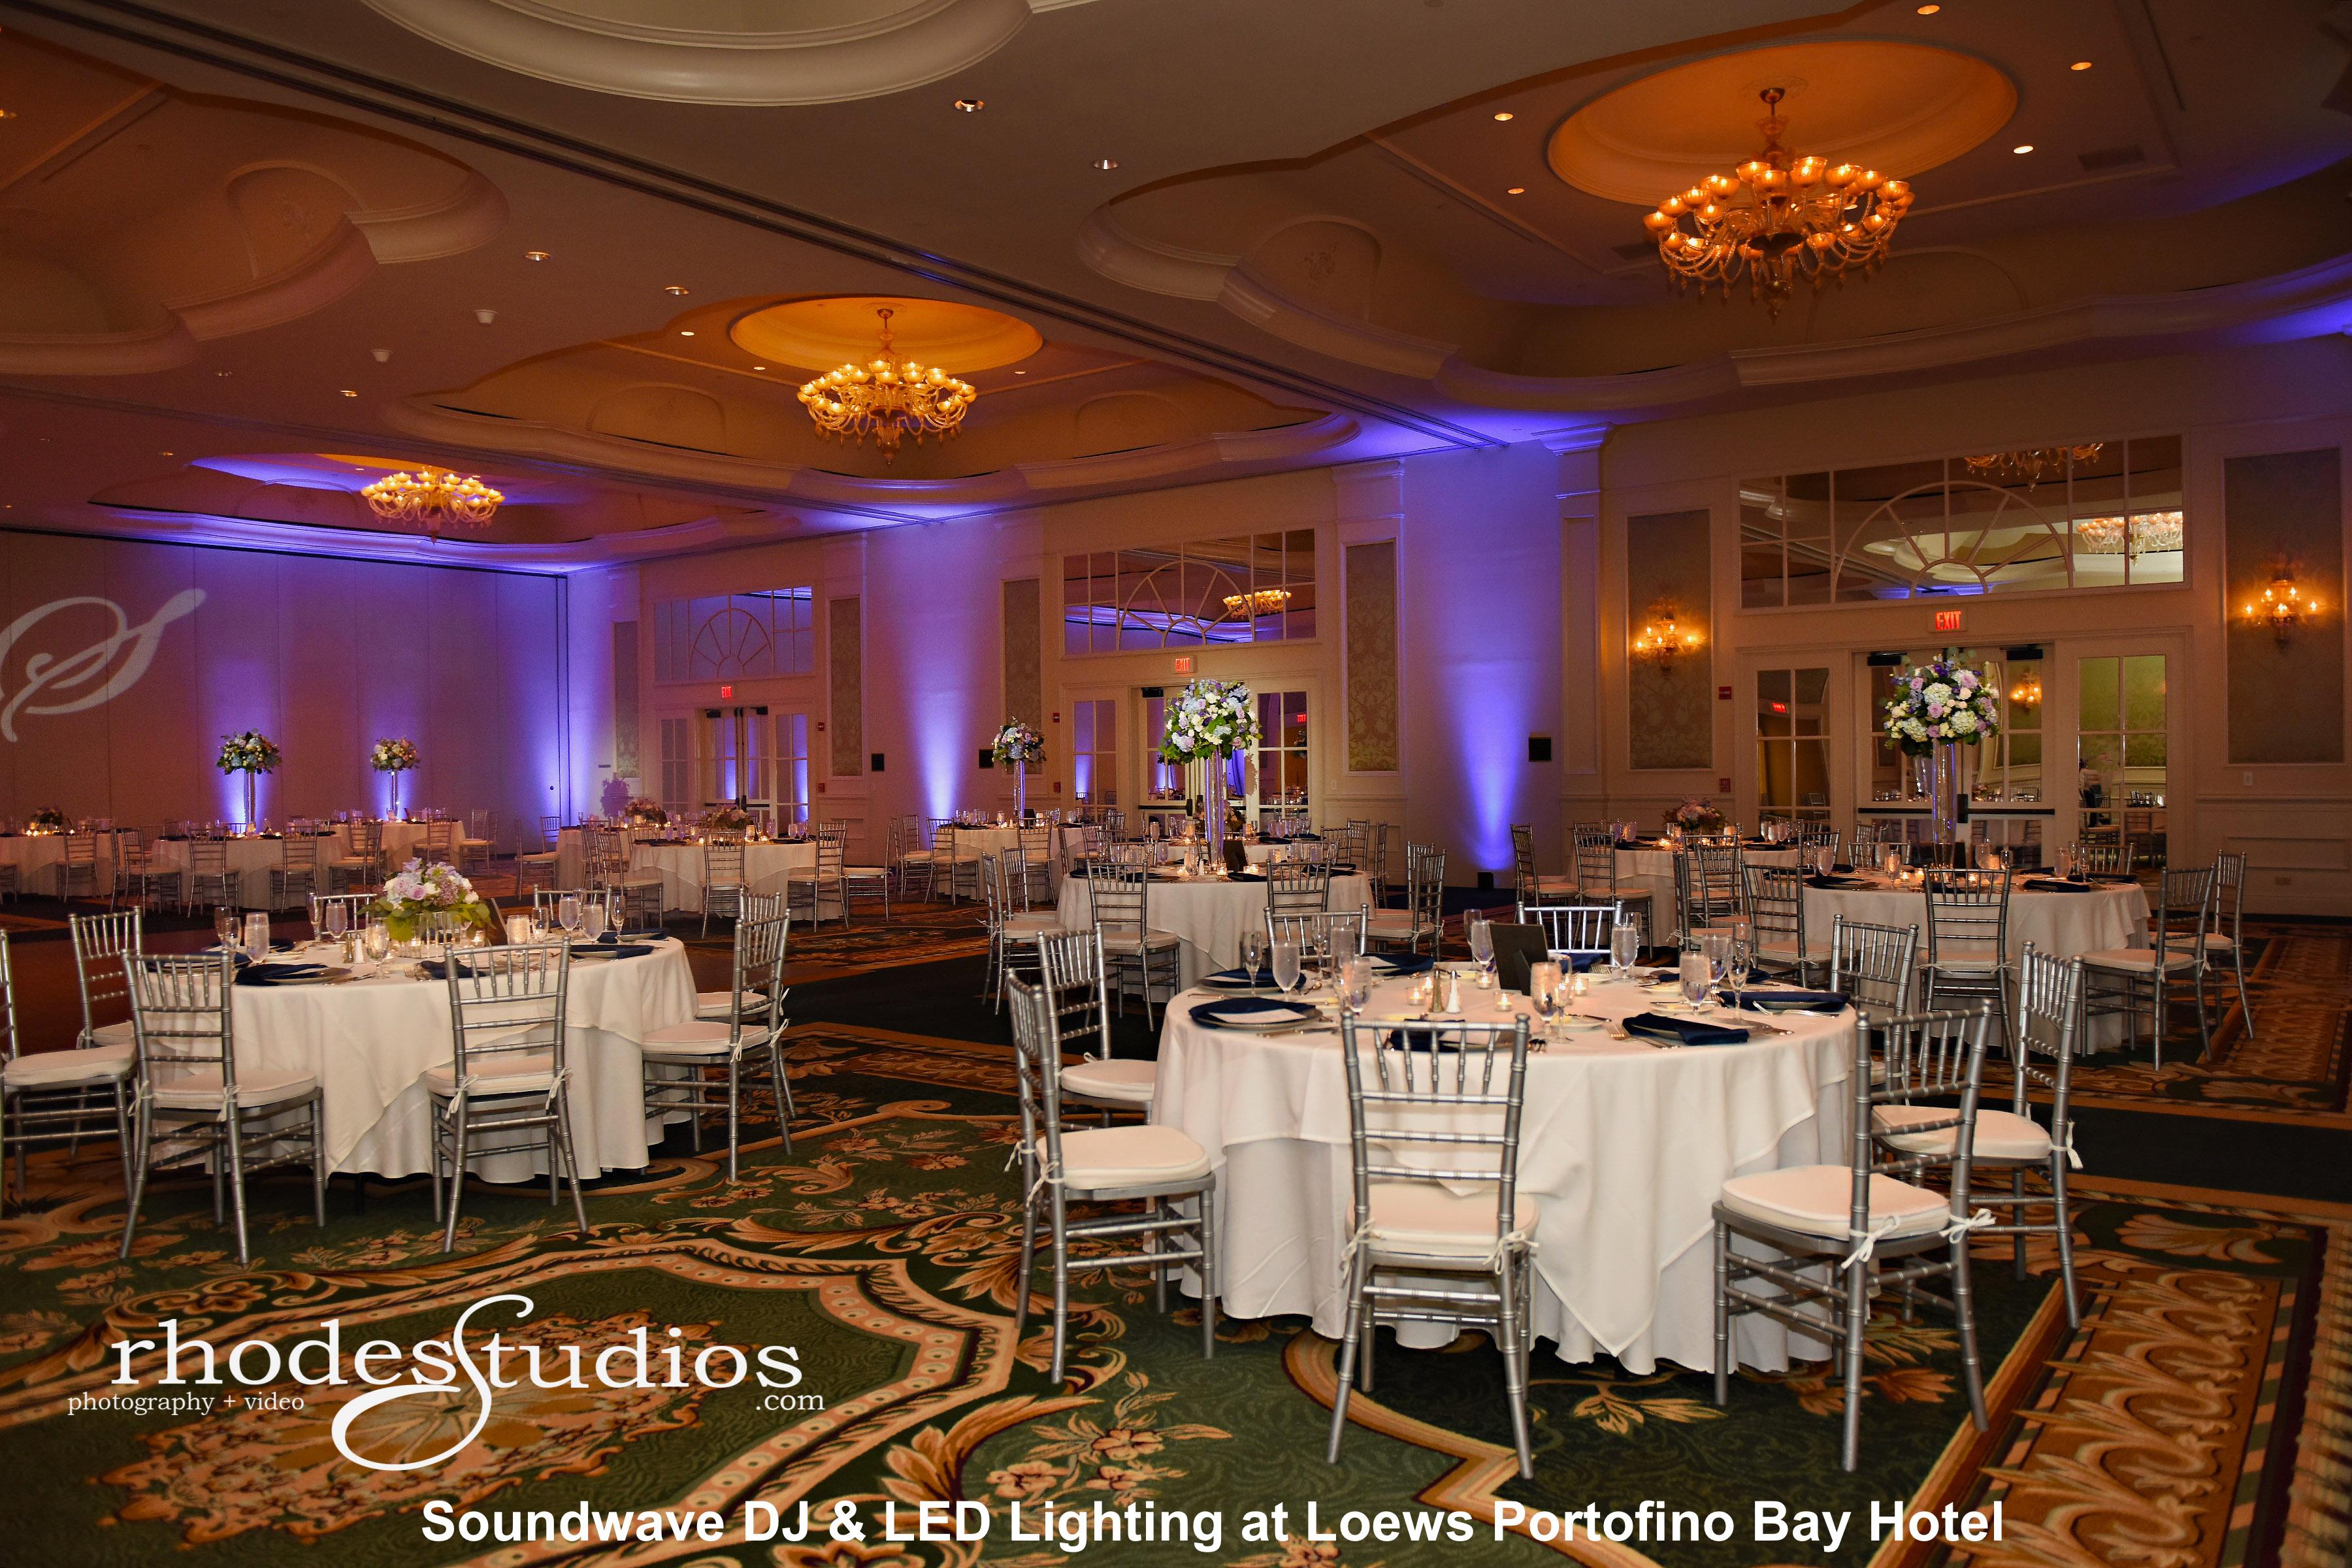 portofino bay hotel orlando - led lighting design - orlando wedding venue - orlando wedding dis - orlando, fl